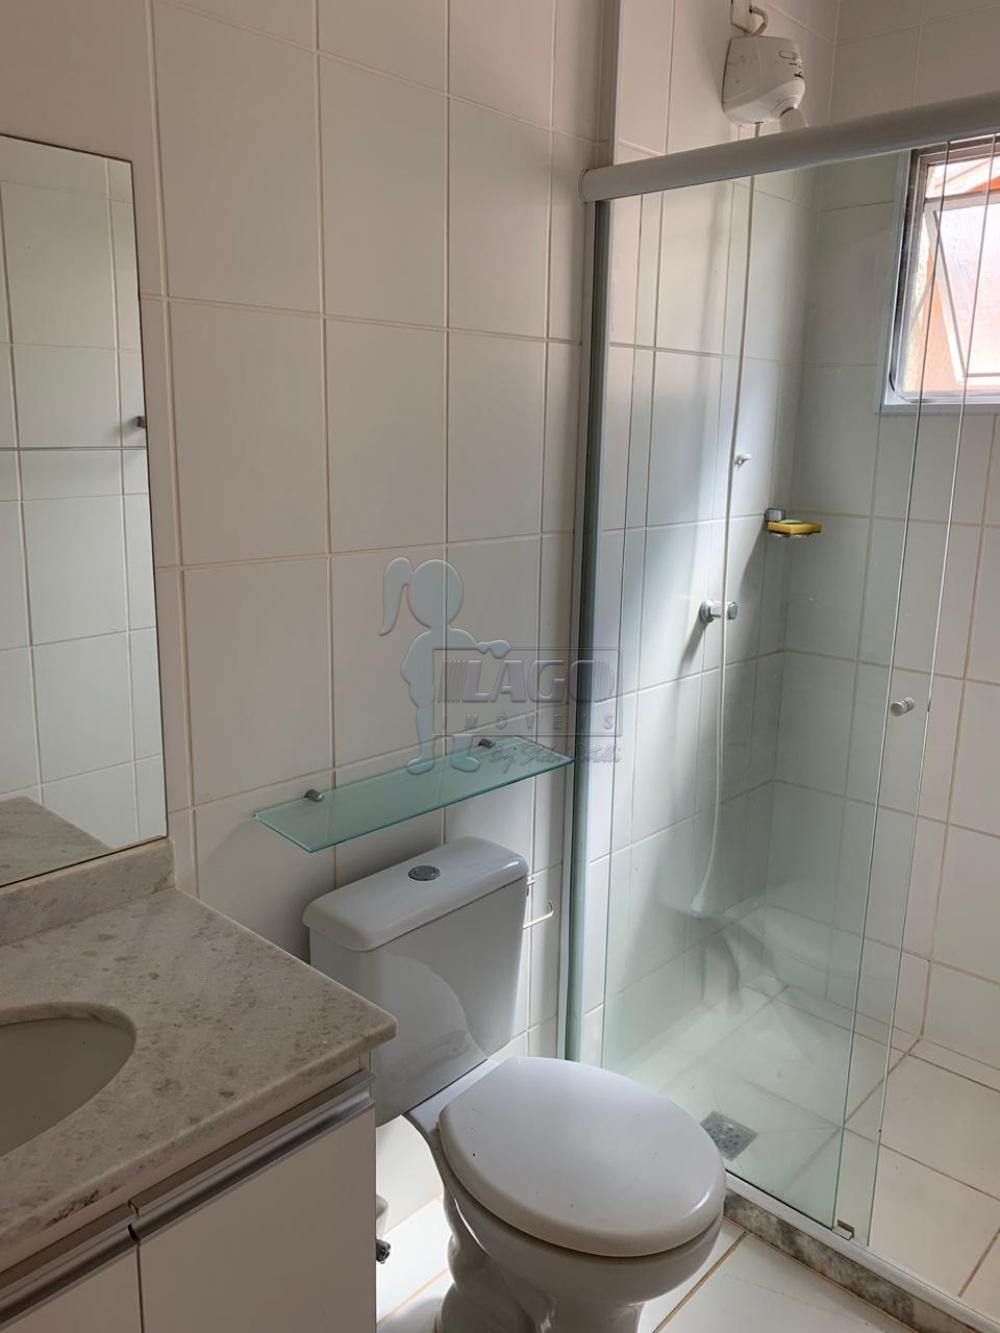 Comprar Casas / Condomínio em Ribeirão Preto apenas R$ 460.000,00 - Foto 13